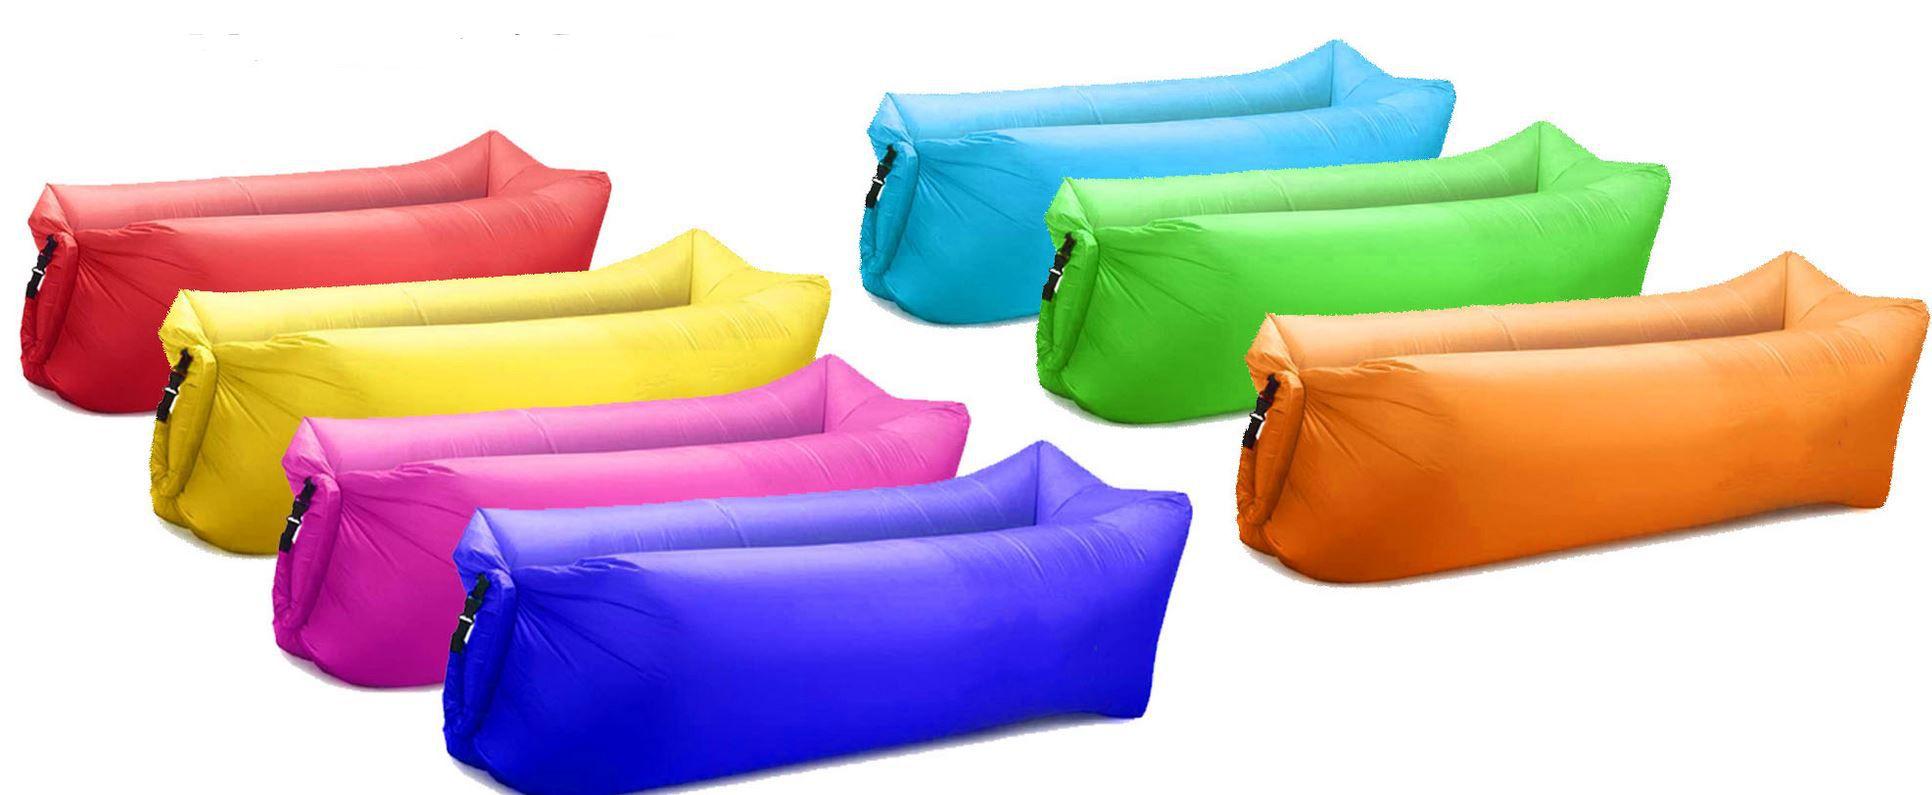 Beach Air Sofa aufblasbar für 14,44€ (statt 20€)